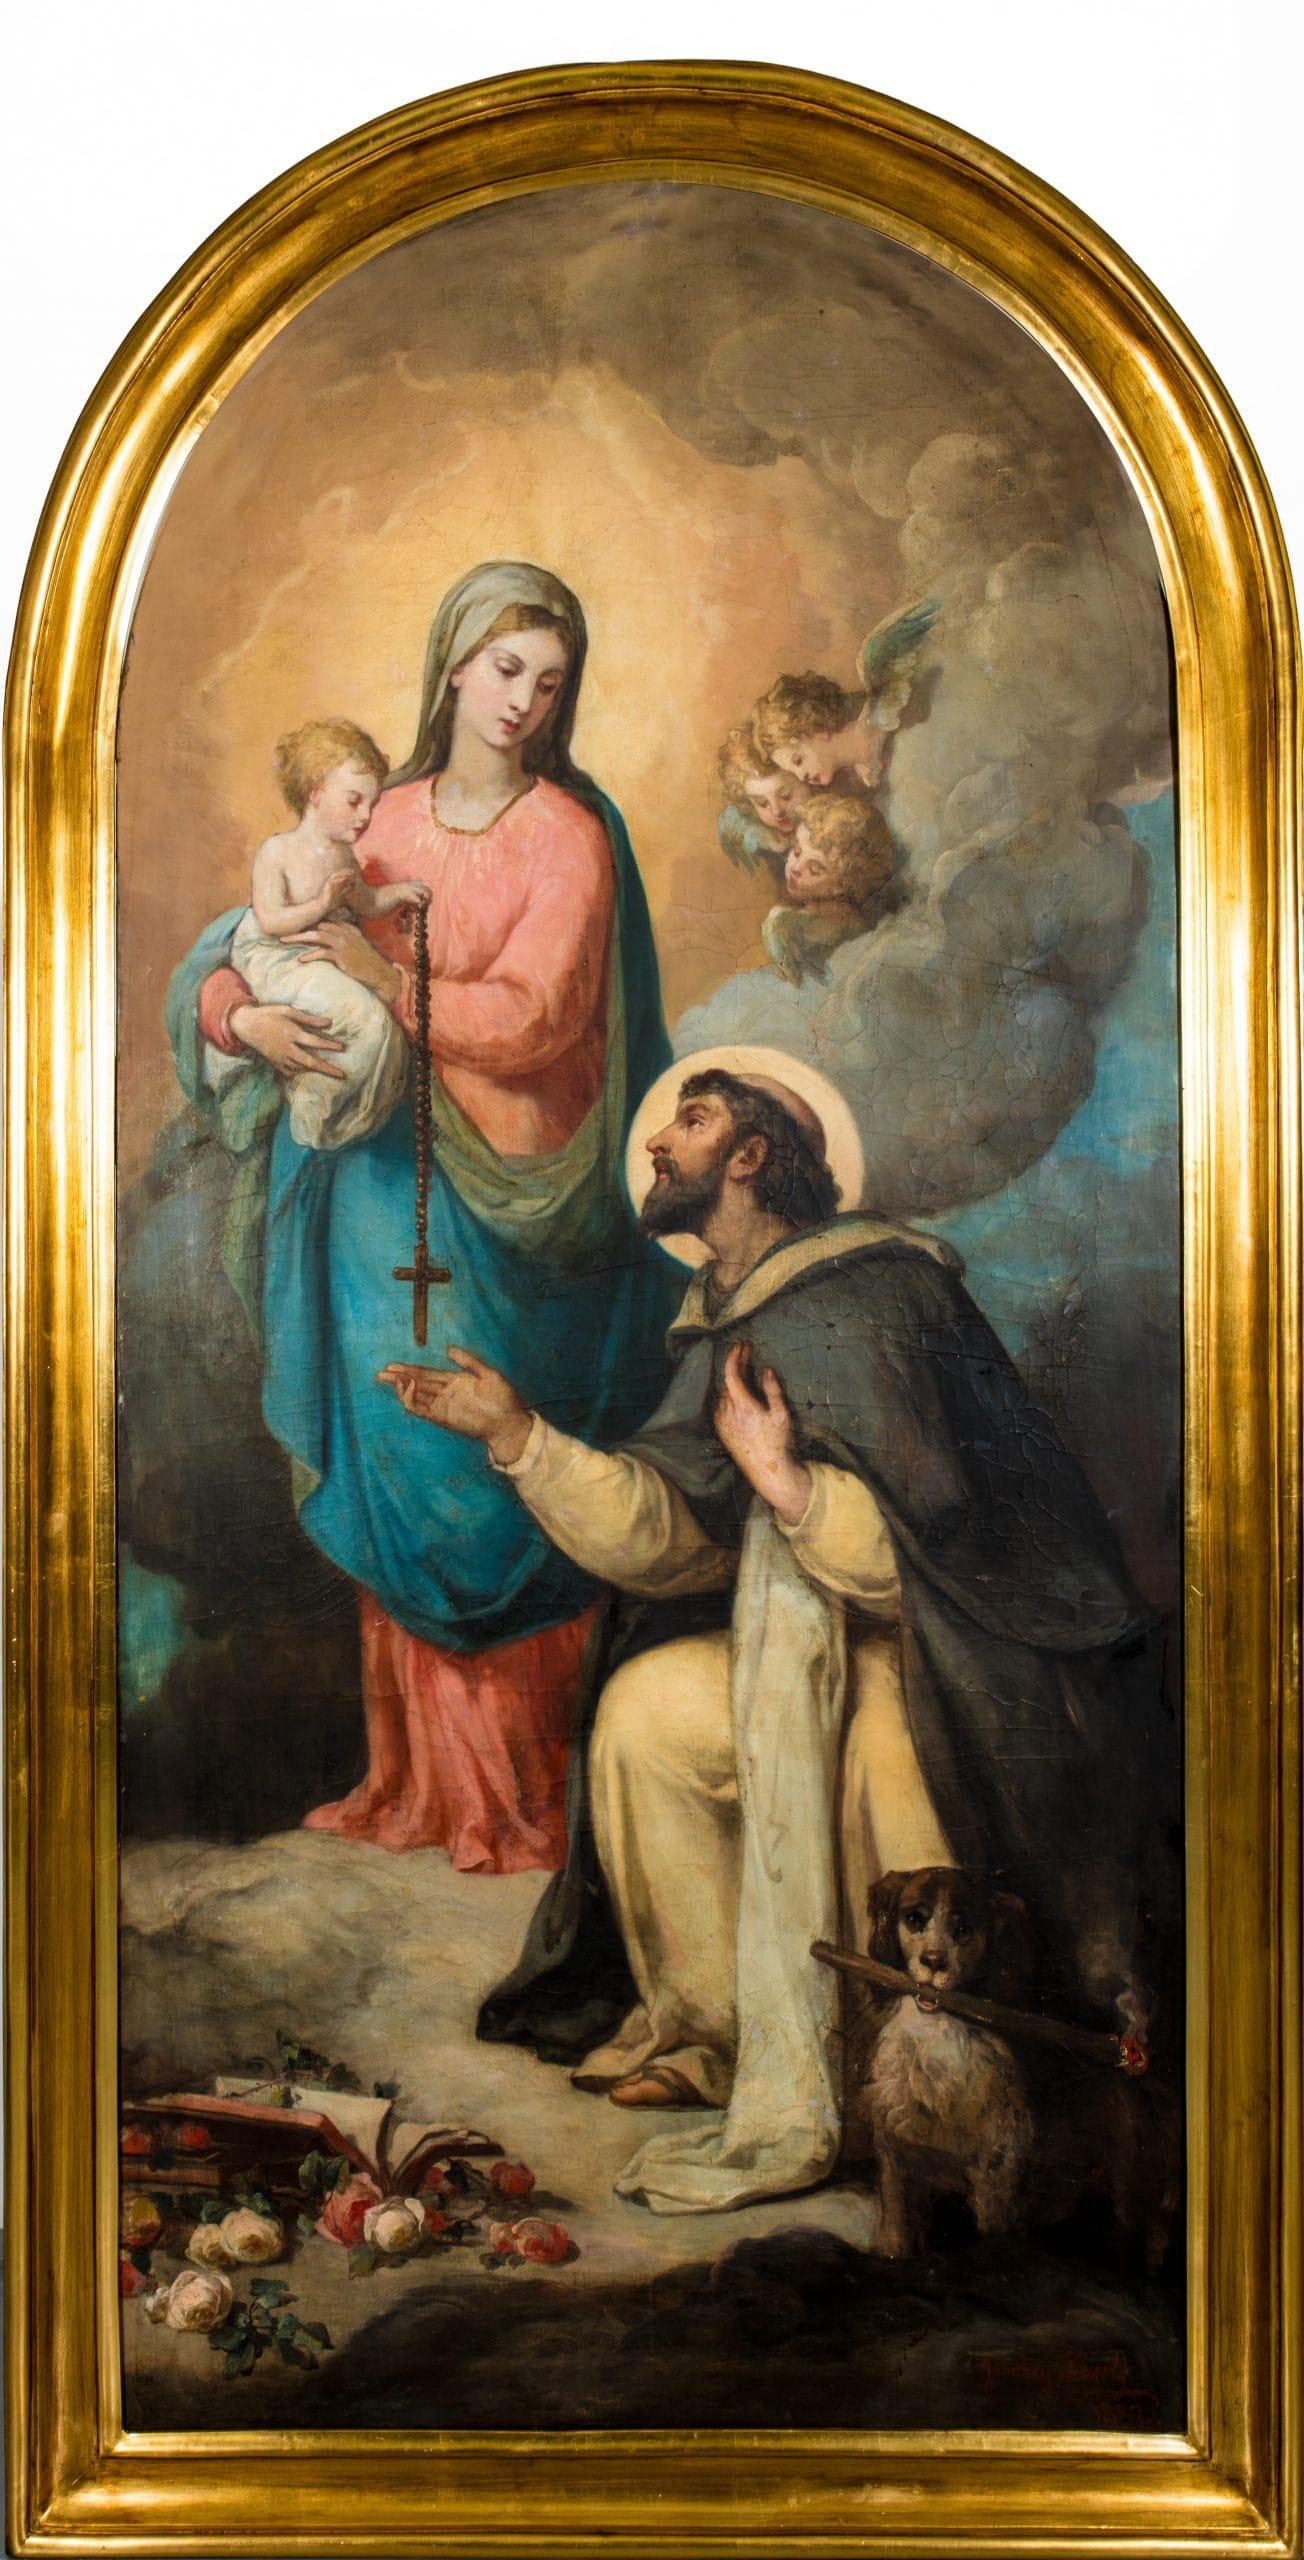 Jakobey Károly: Szent Domonkos Máriával és a Gyermekkel, 1882